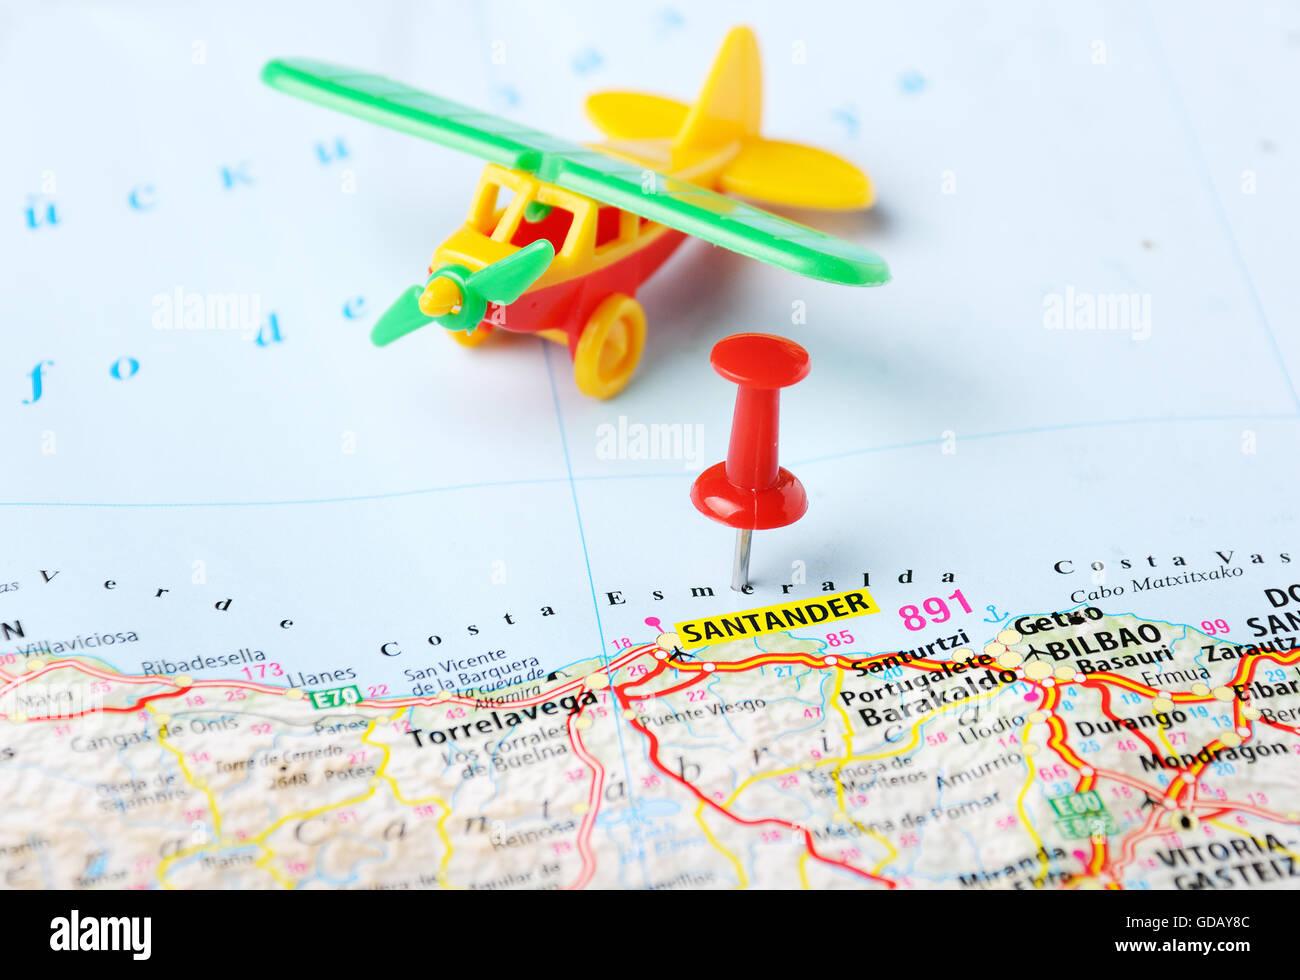 Costa Va Spain Map on